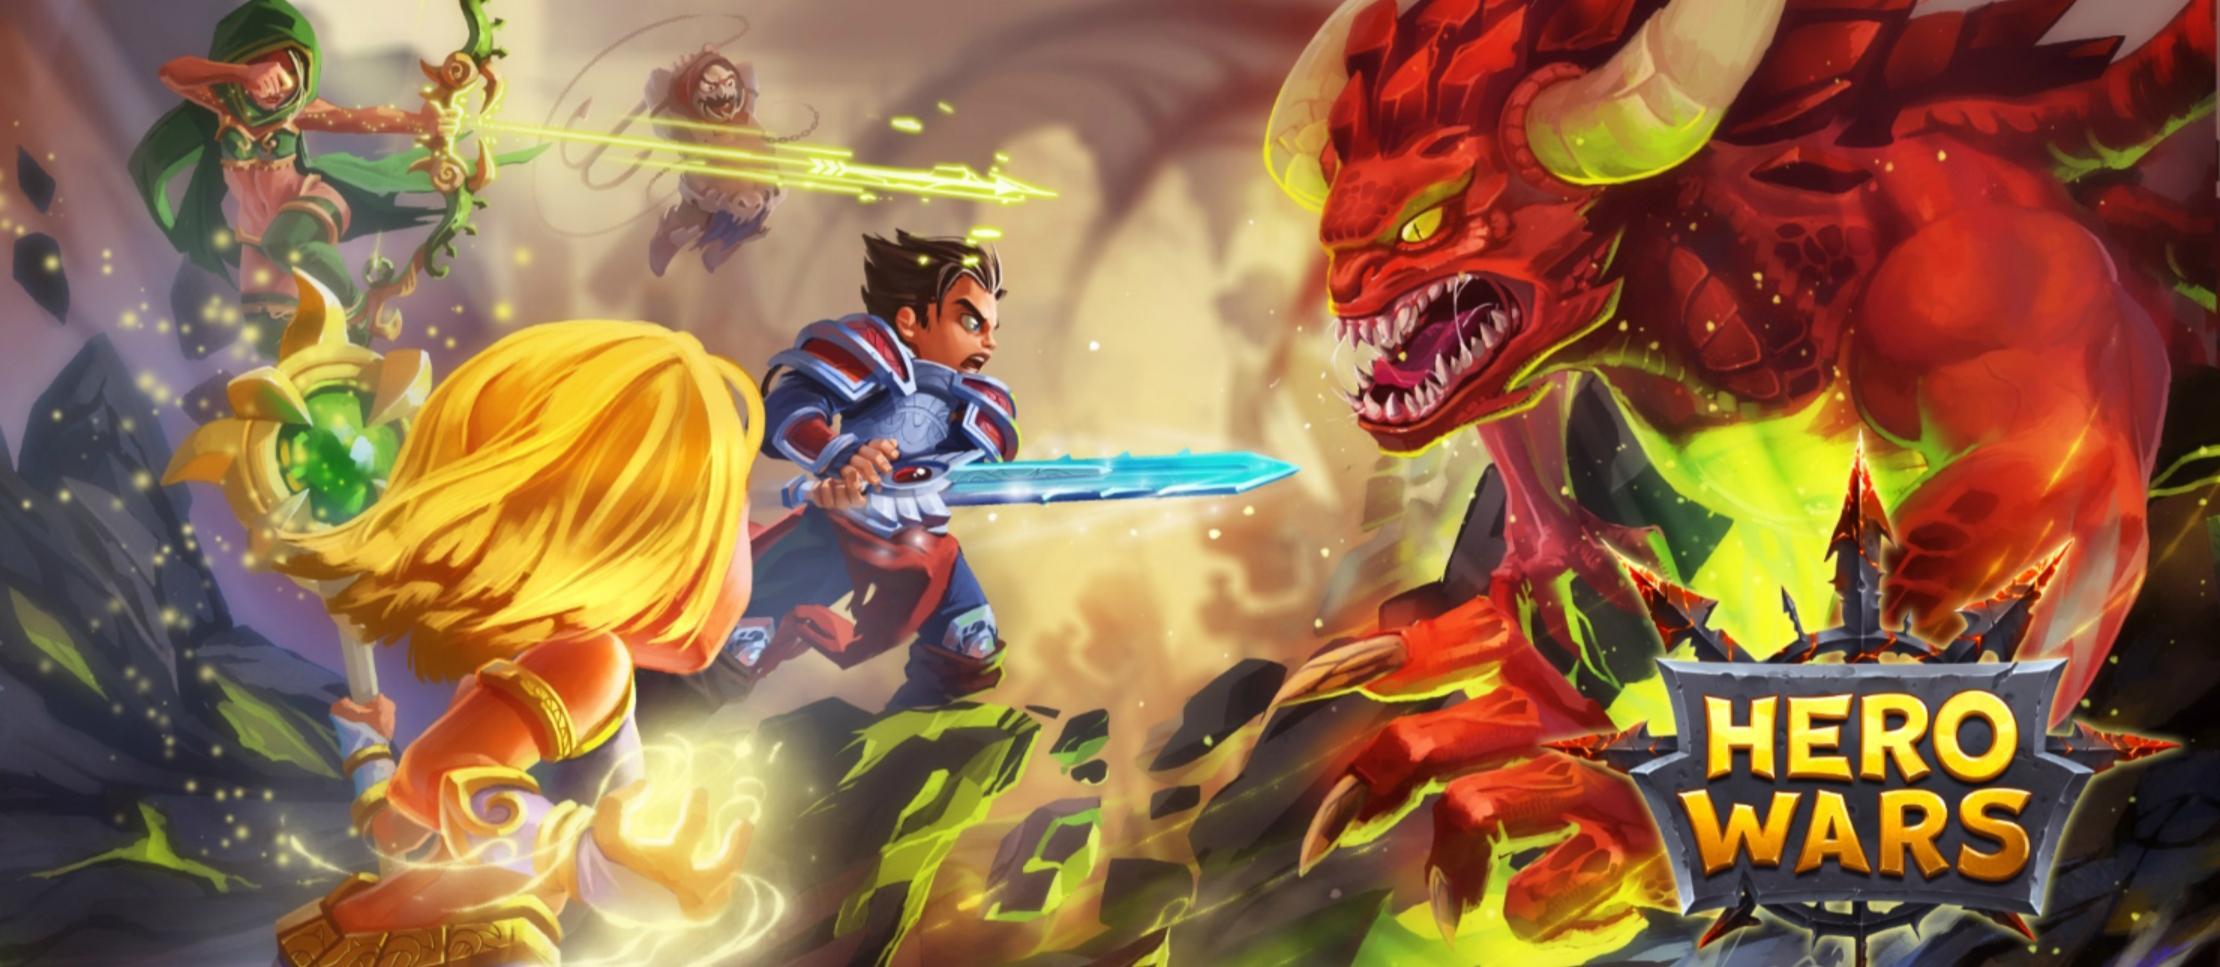 【リセマラが出来ない?】Hero wars(ヒーローウォーズ/アプリ)のリセマラと序盤攻略方法について紹介!